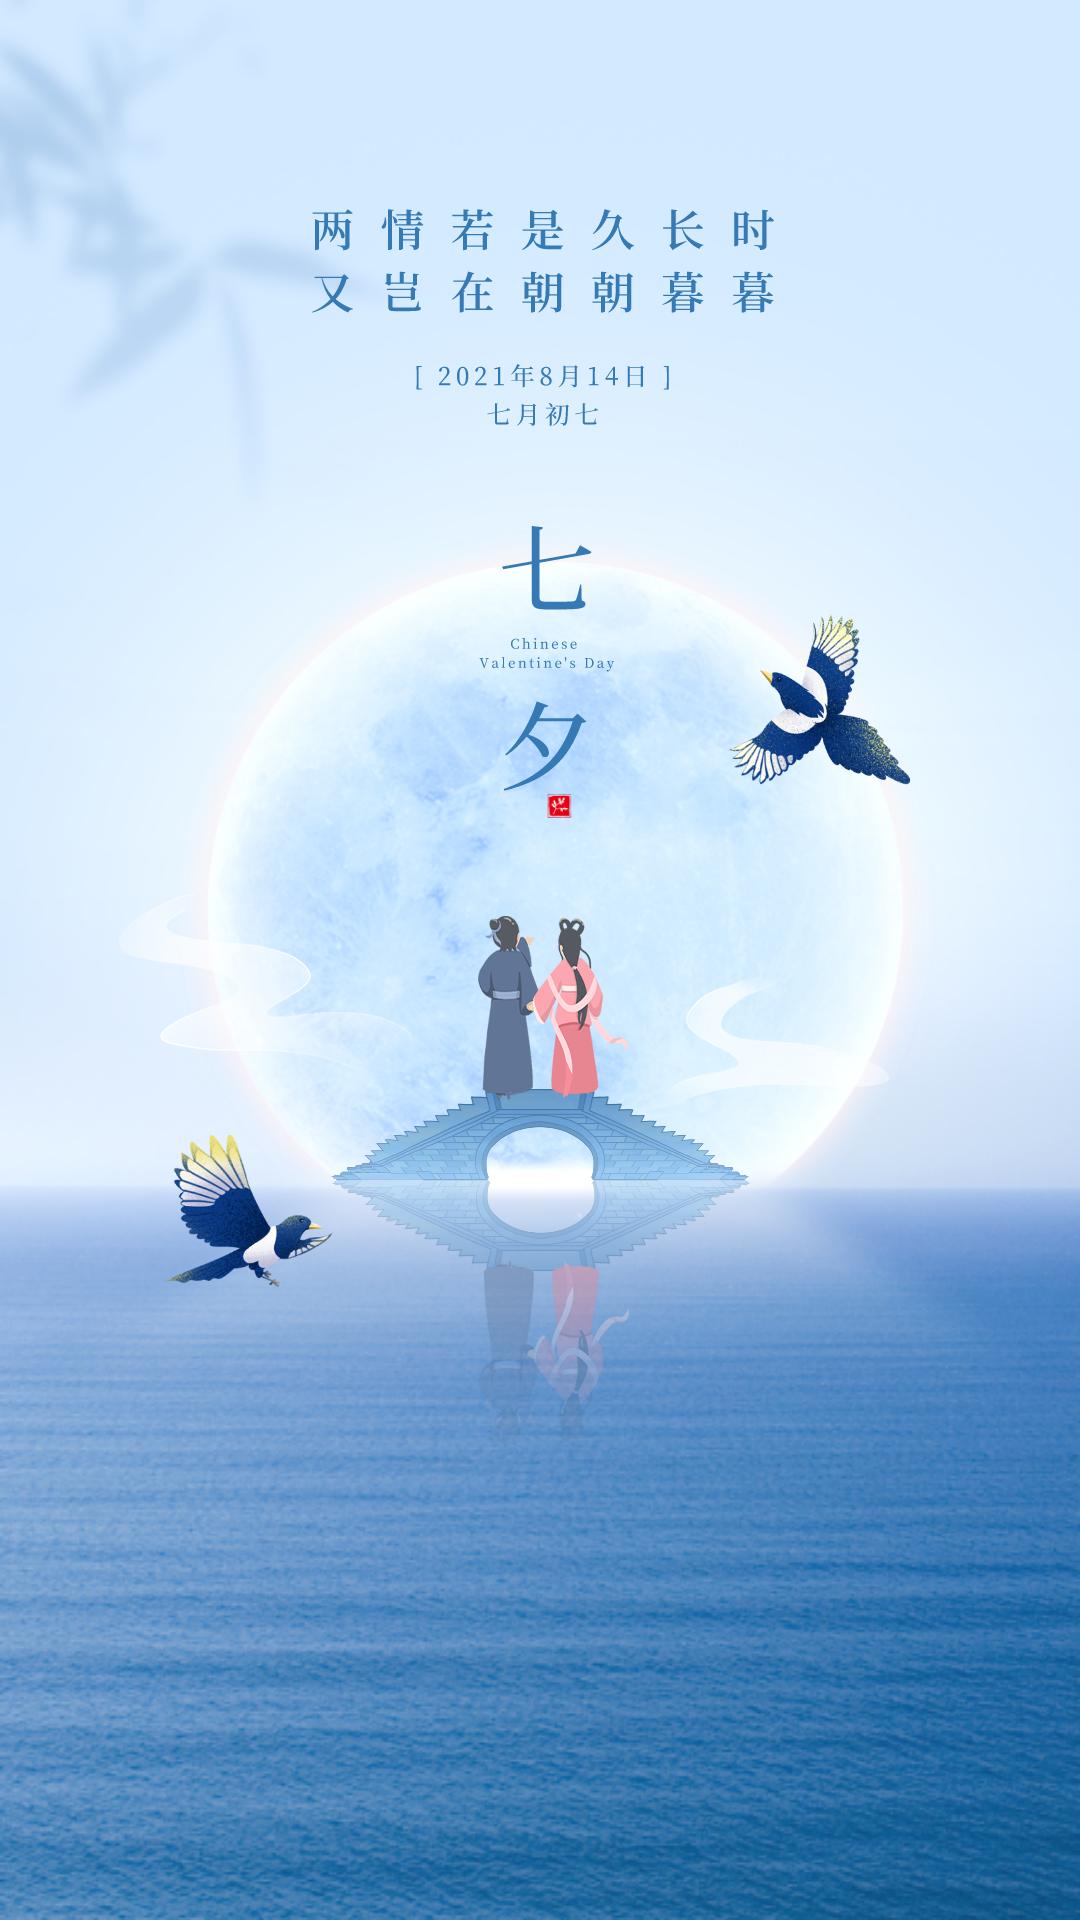 七夕情人节图片配图大全简单,七夕朋友圈情话文案说说句子